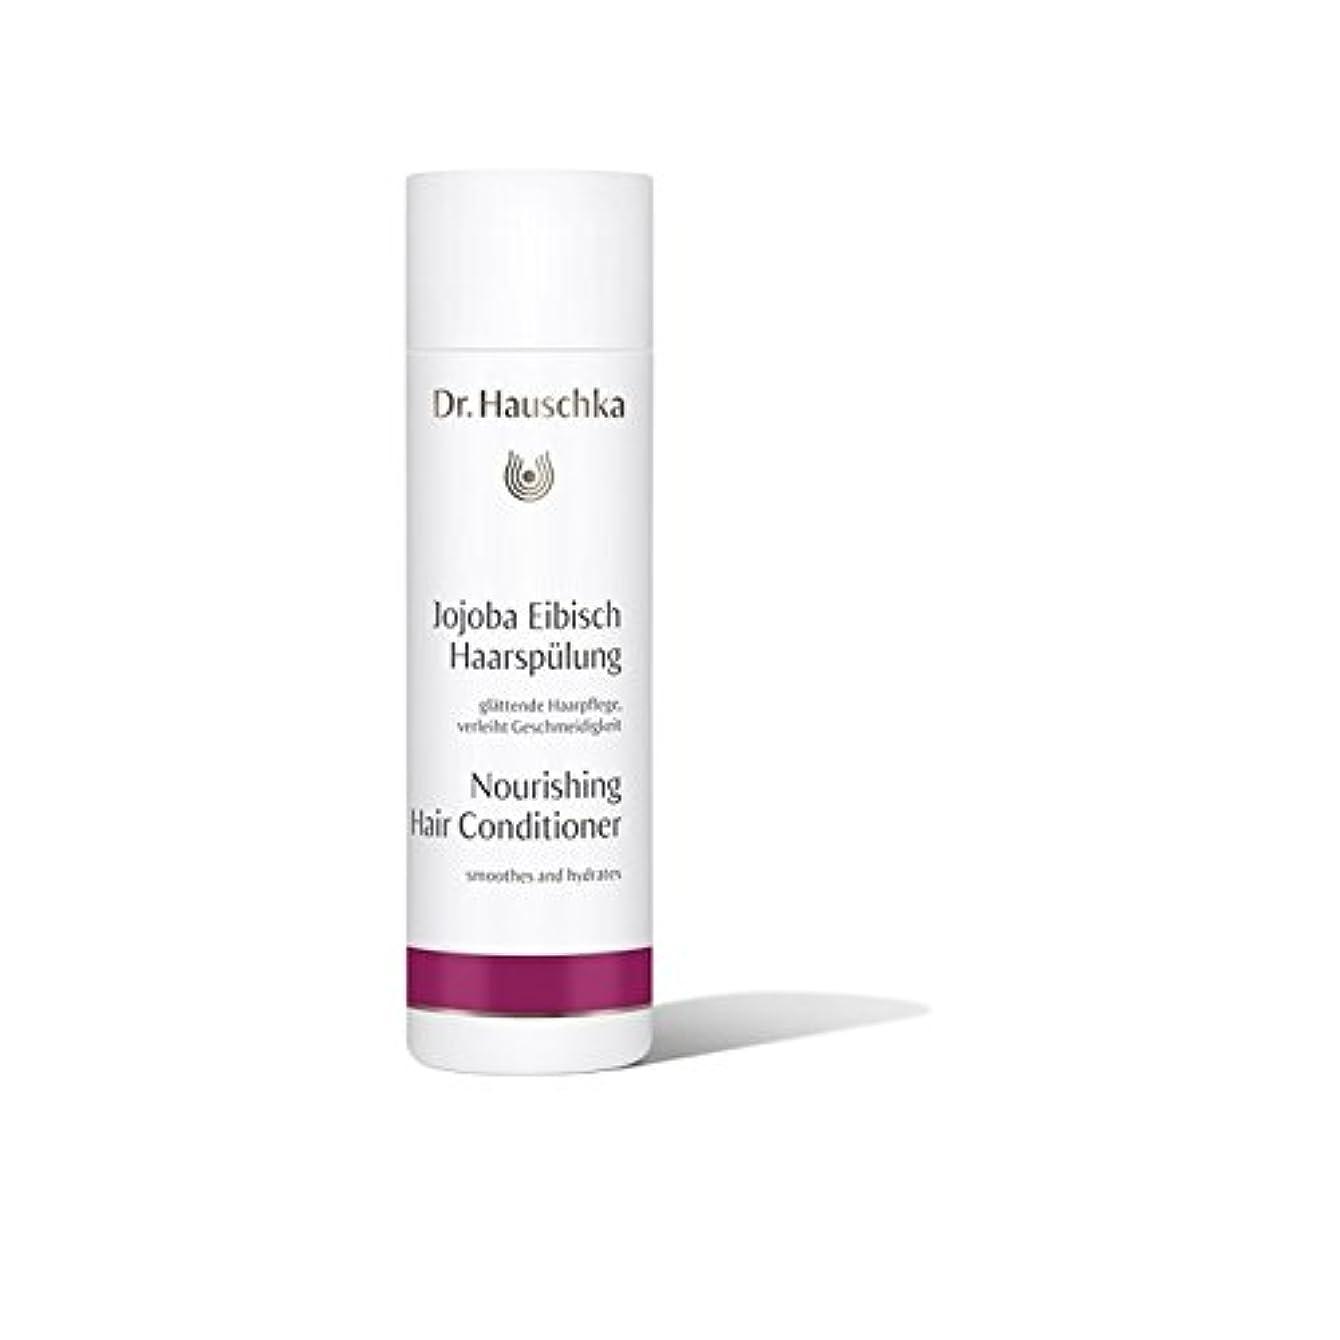 援助するセクタ連鎖ハウシュカ栄養ヘアコンディショナー(200ミリリットル) x2 - Dr. Hauschka Nourishing Hair Conditioner (200ml) (Pack of 2) [並行輸入品]